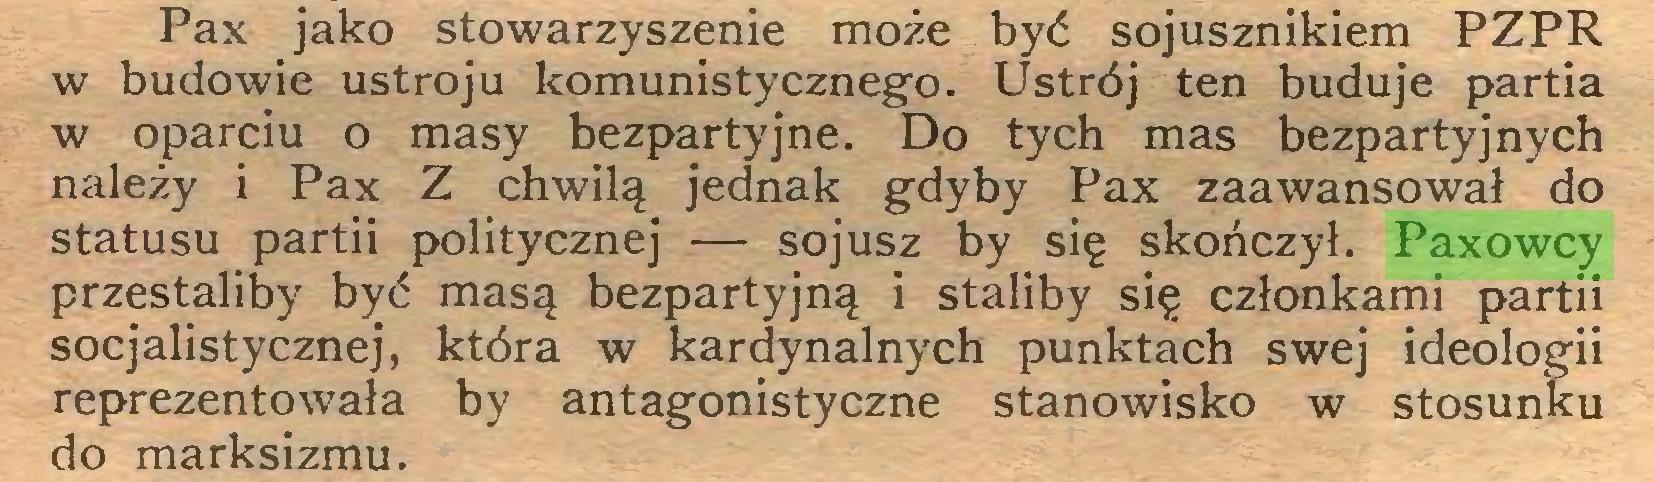 (...) Pax jako stowarzyszenie może być sojusznikiem PZPR w budowie ustroju komunistycznego. Ustrój ten buduje partia w oparciu o masy bezpartyjne. Do tych mas bezpartyjnych należy i Pax Z chwilą jednak gdyby Pax zaawansował do statusu partii politycznej — sojusz by się skończył. Paxowcy przestaliby być masą bezpartyjną i staliby się członkami partii socjalistycznej, która w kardynalnych punktach swej ideologii reprezentowała by antagonistyczne stanowisko w stosunku do marksizmu...